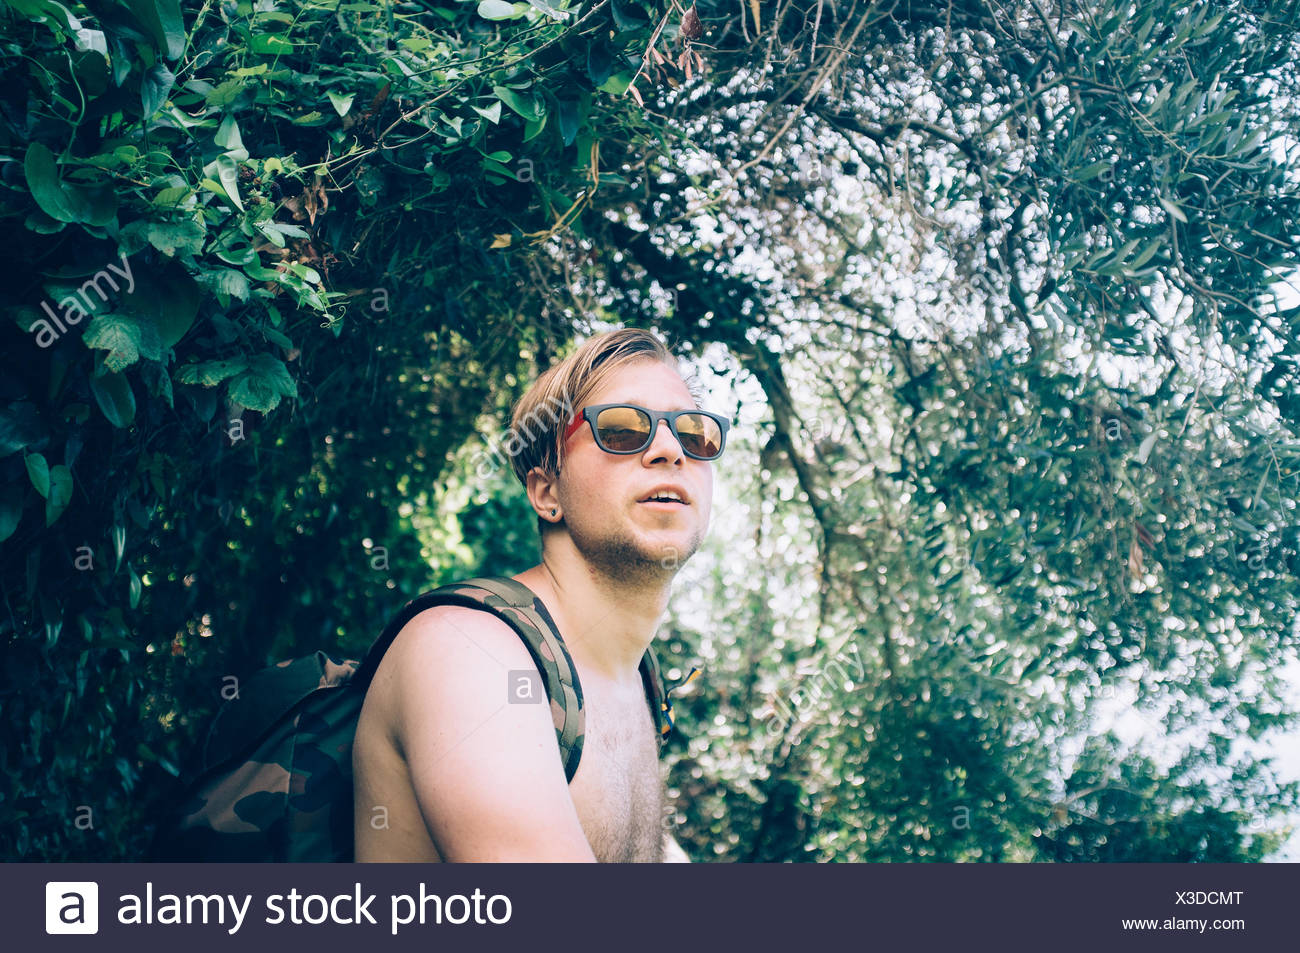 Ritratto di giovane uomo sotto l'albero Immagini Stock